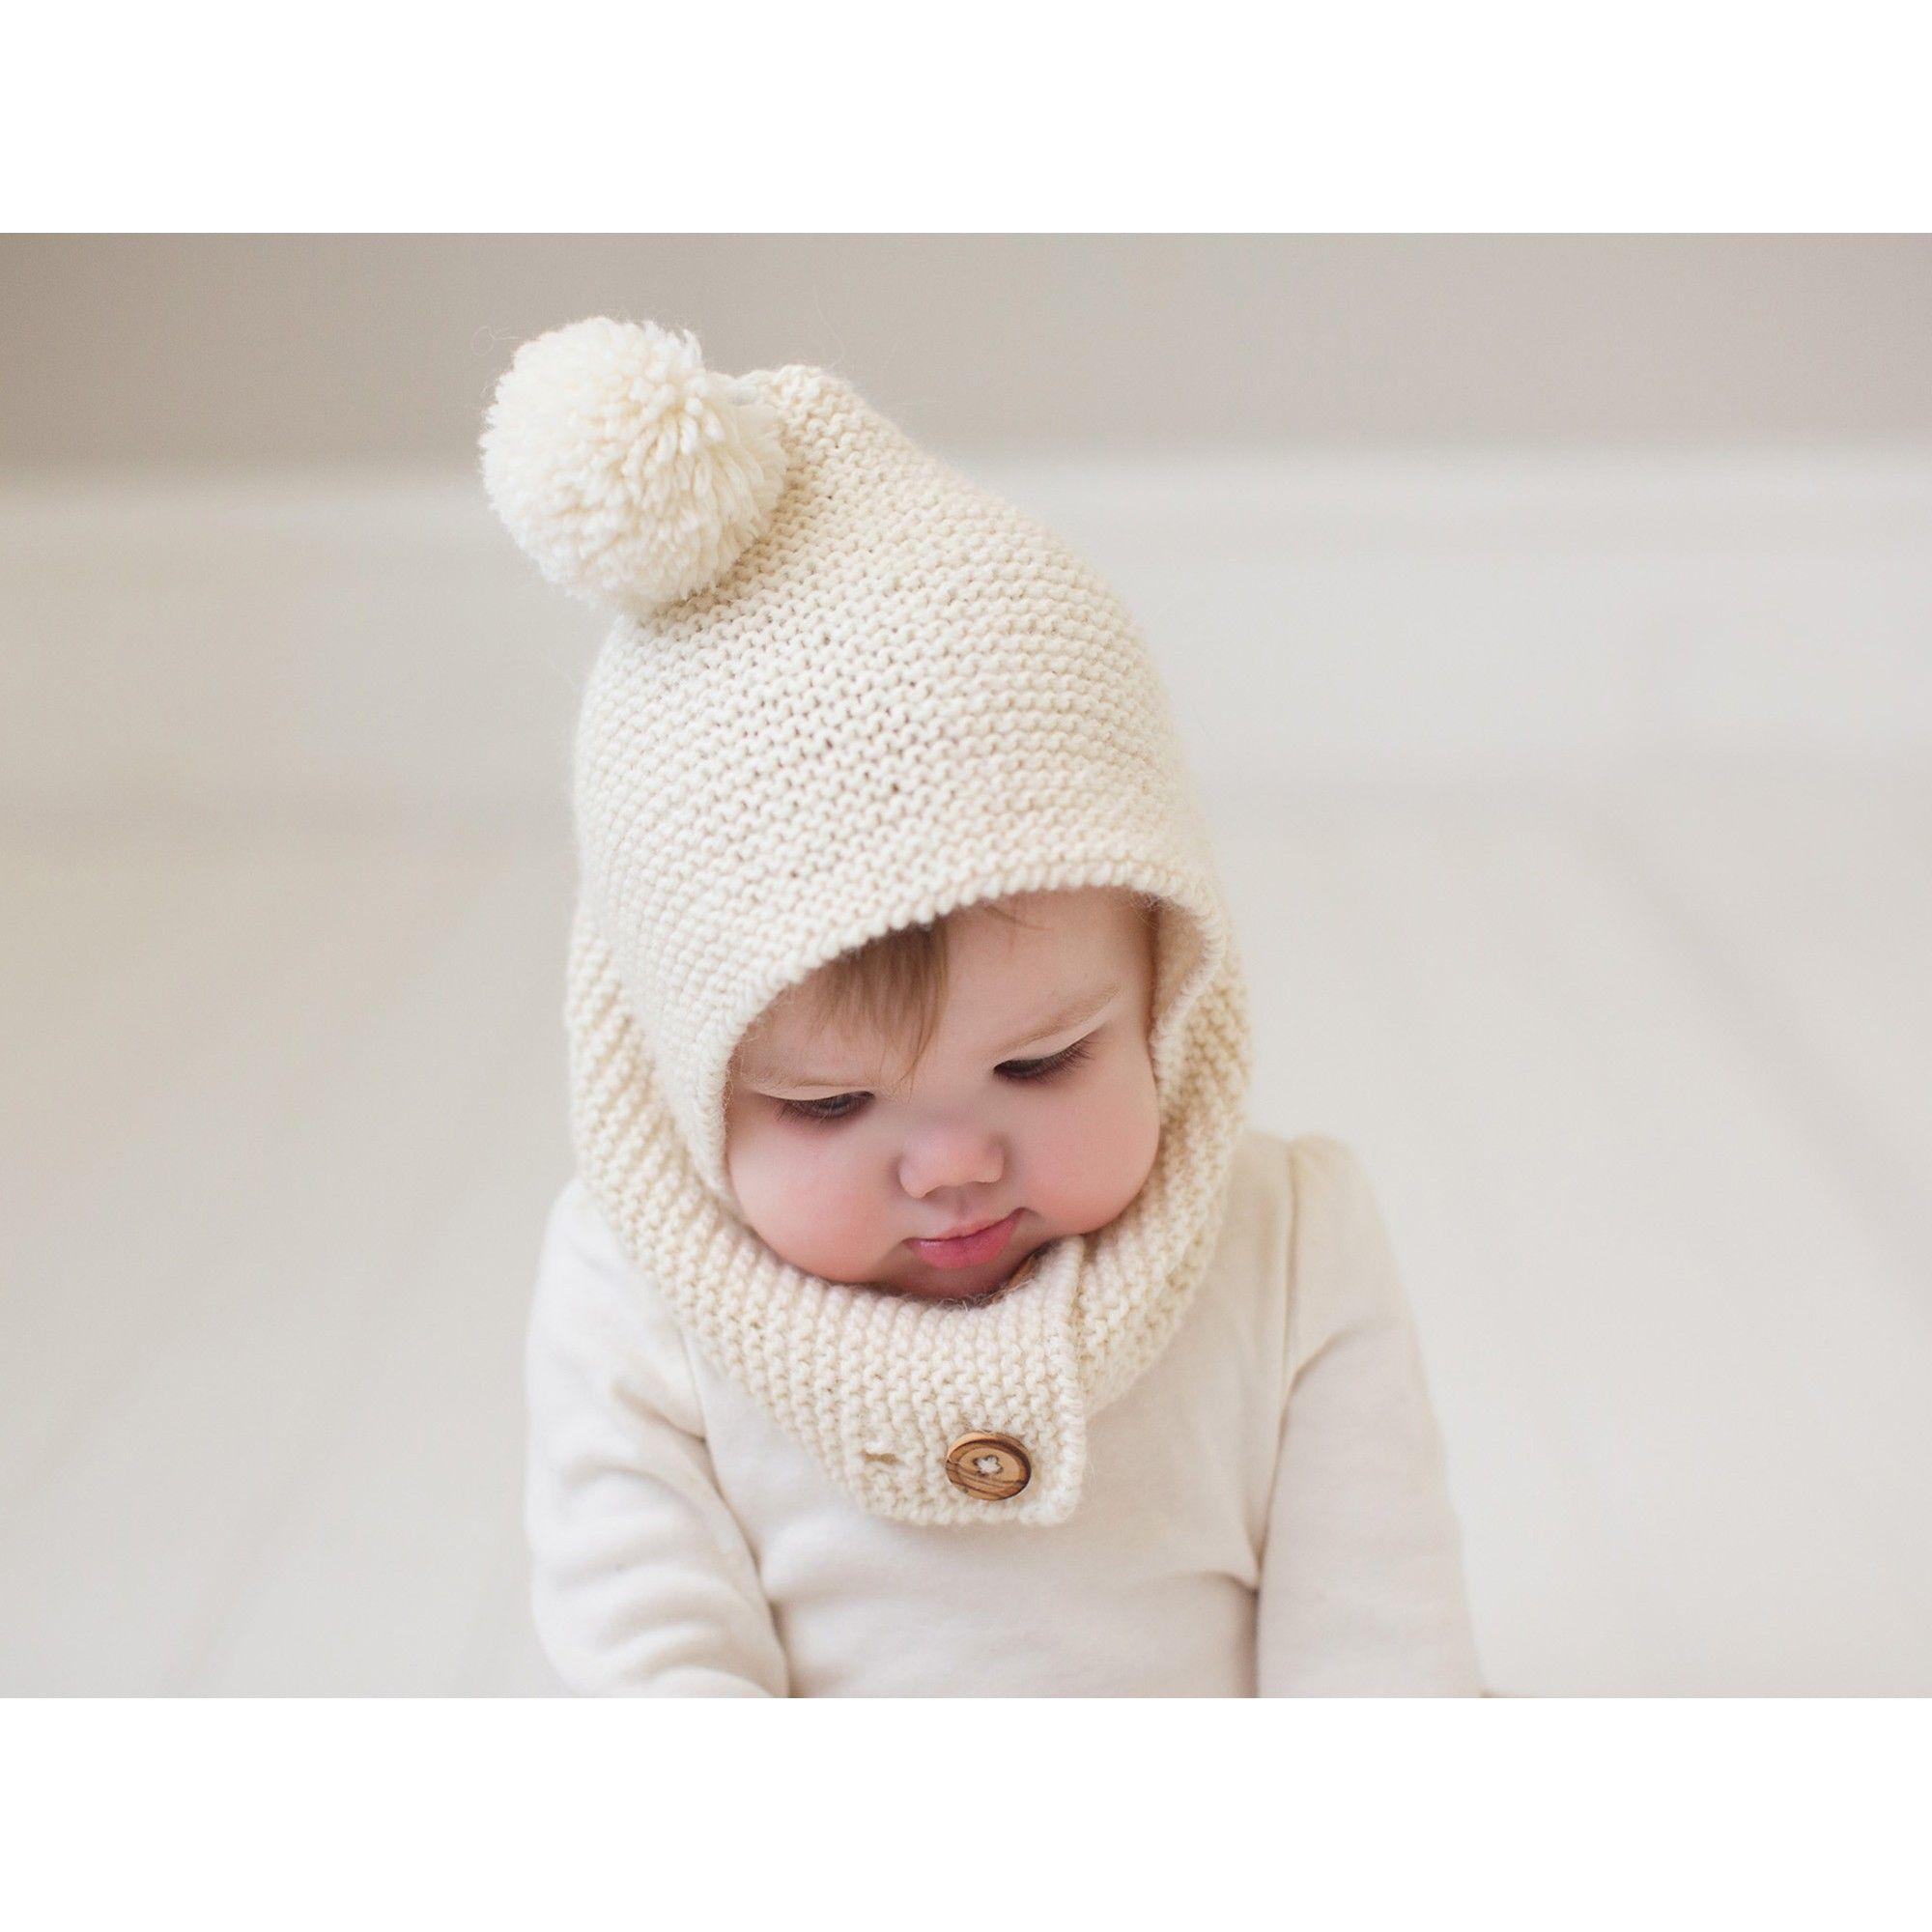 18242c03762 Cagoule style capuche pour bébé coloris écru avec pompon. Parfaitement  ajustable à la tête de l enfant grâce aux 2 rangées de boutonnières qui  permettent de ...